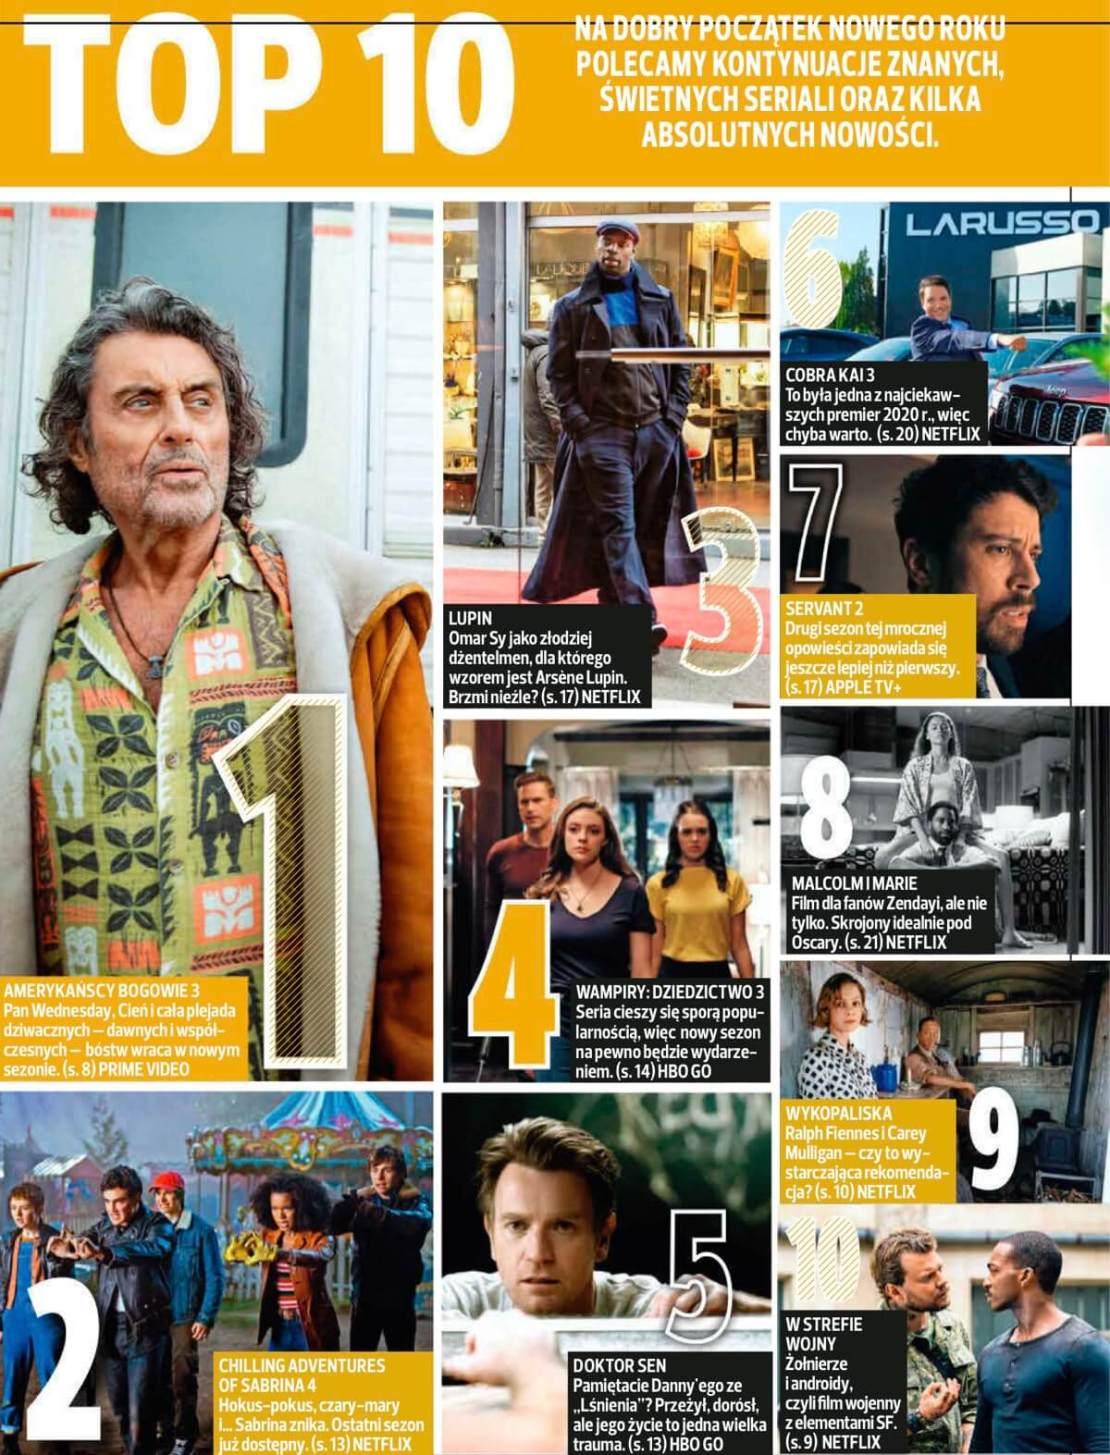 TOP 10 polecanych seriali na początek roku przez magazyn Netfilm